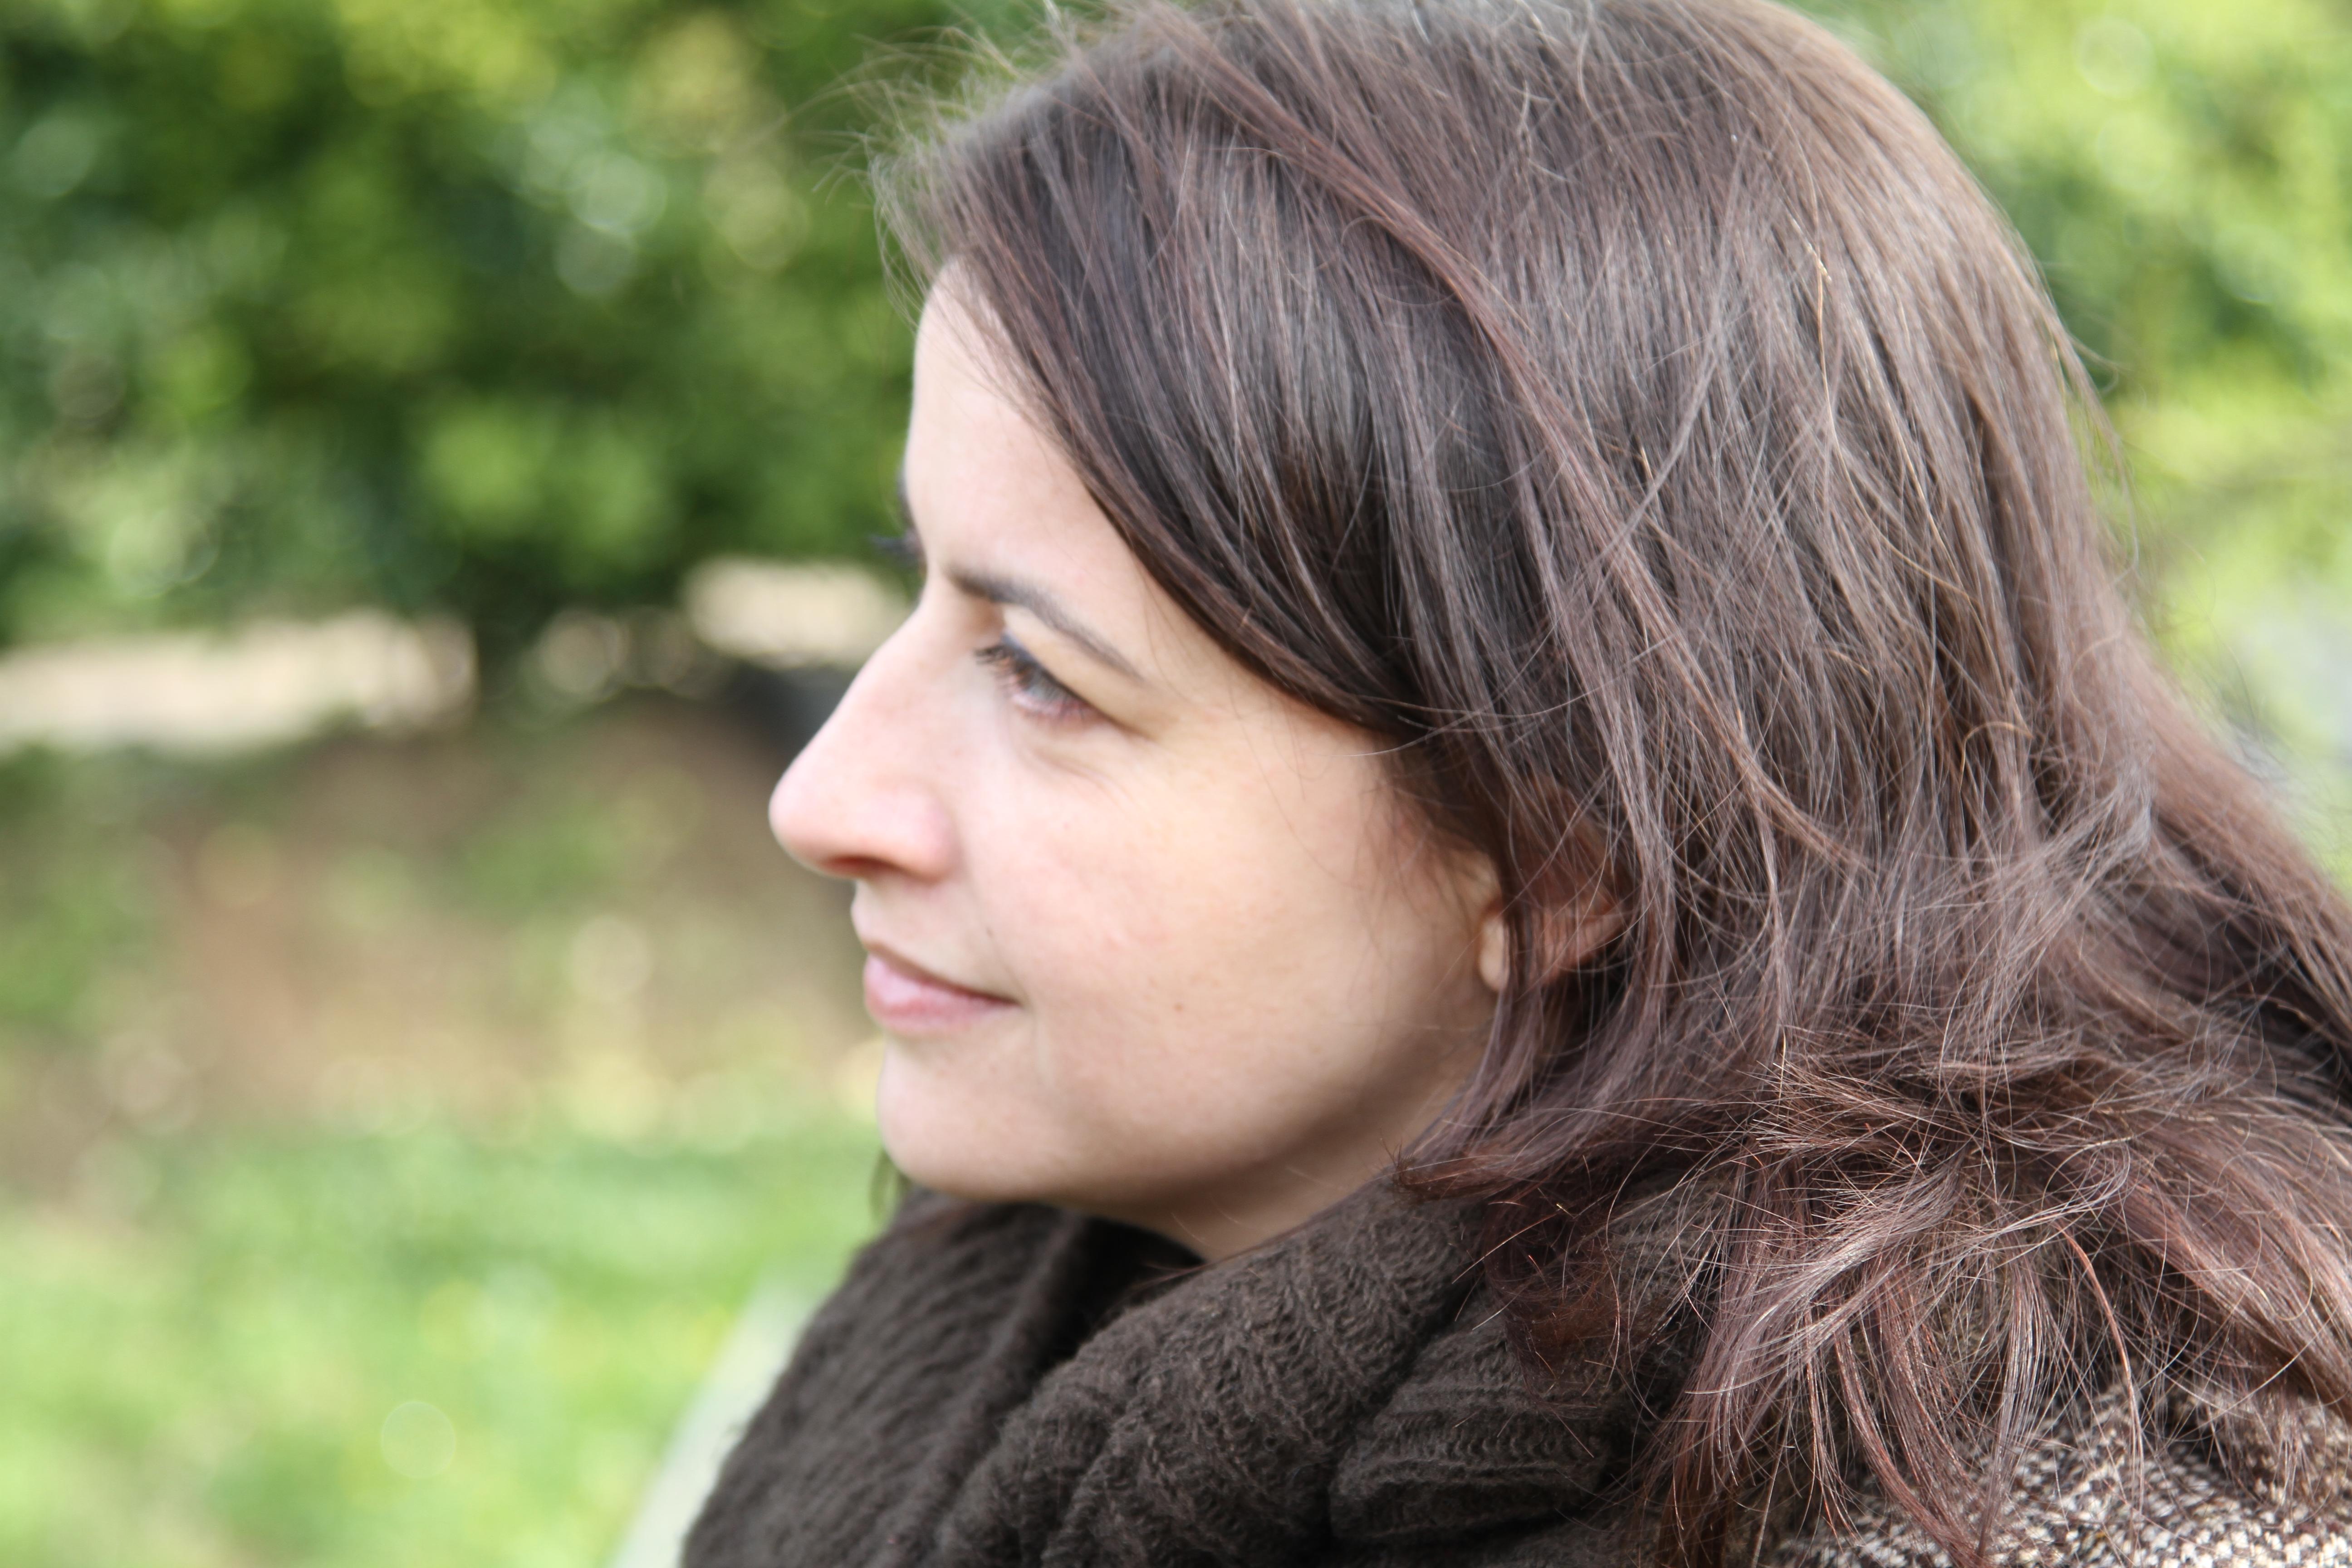 Cécile Duflot, secretària nacionala d'EELV, es ministra de l'Egalitat daus territòris e dau Lotjament